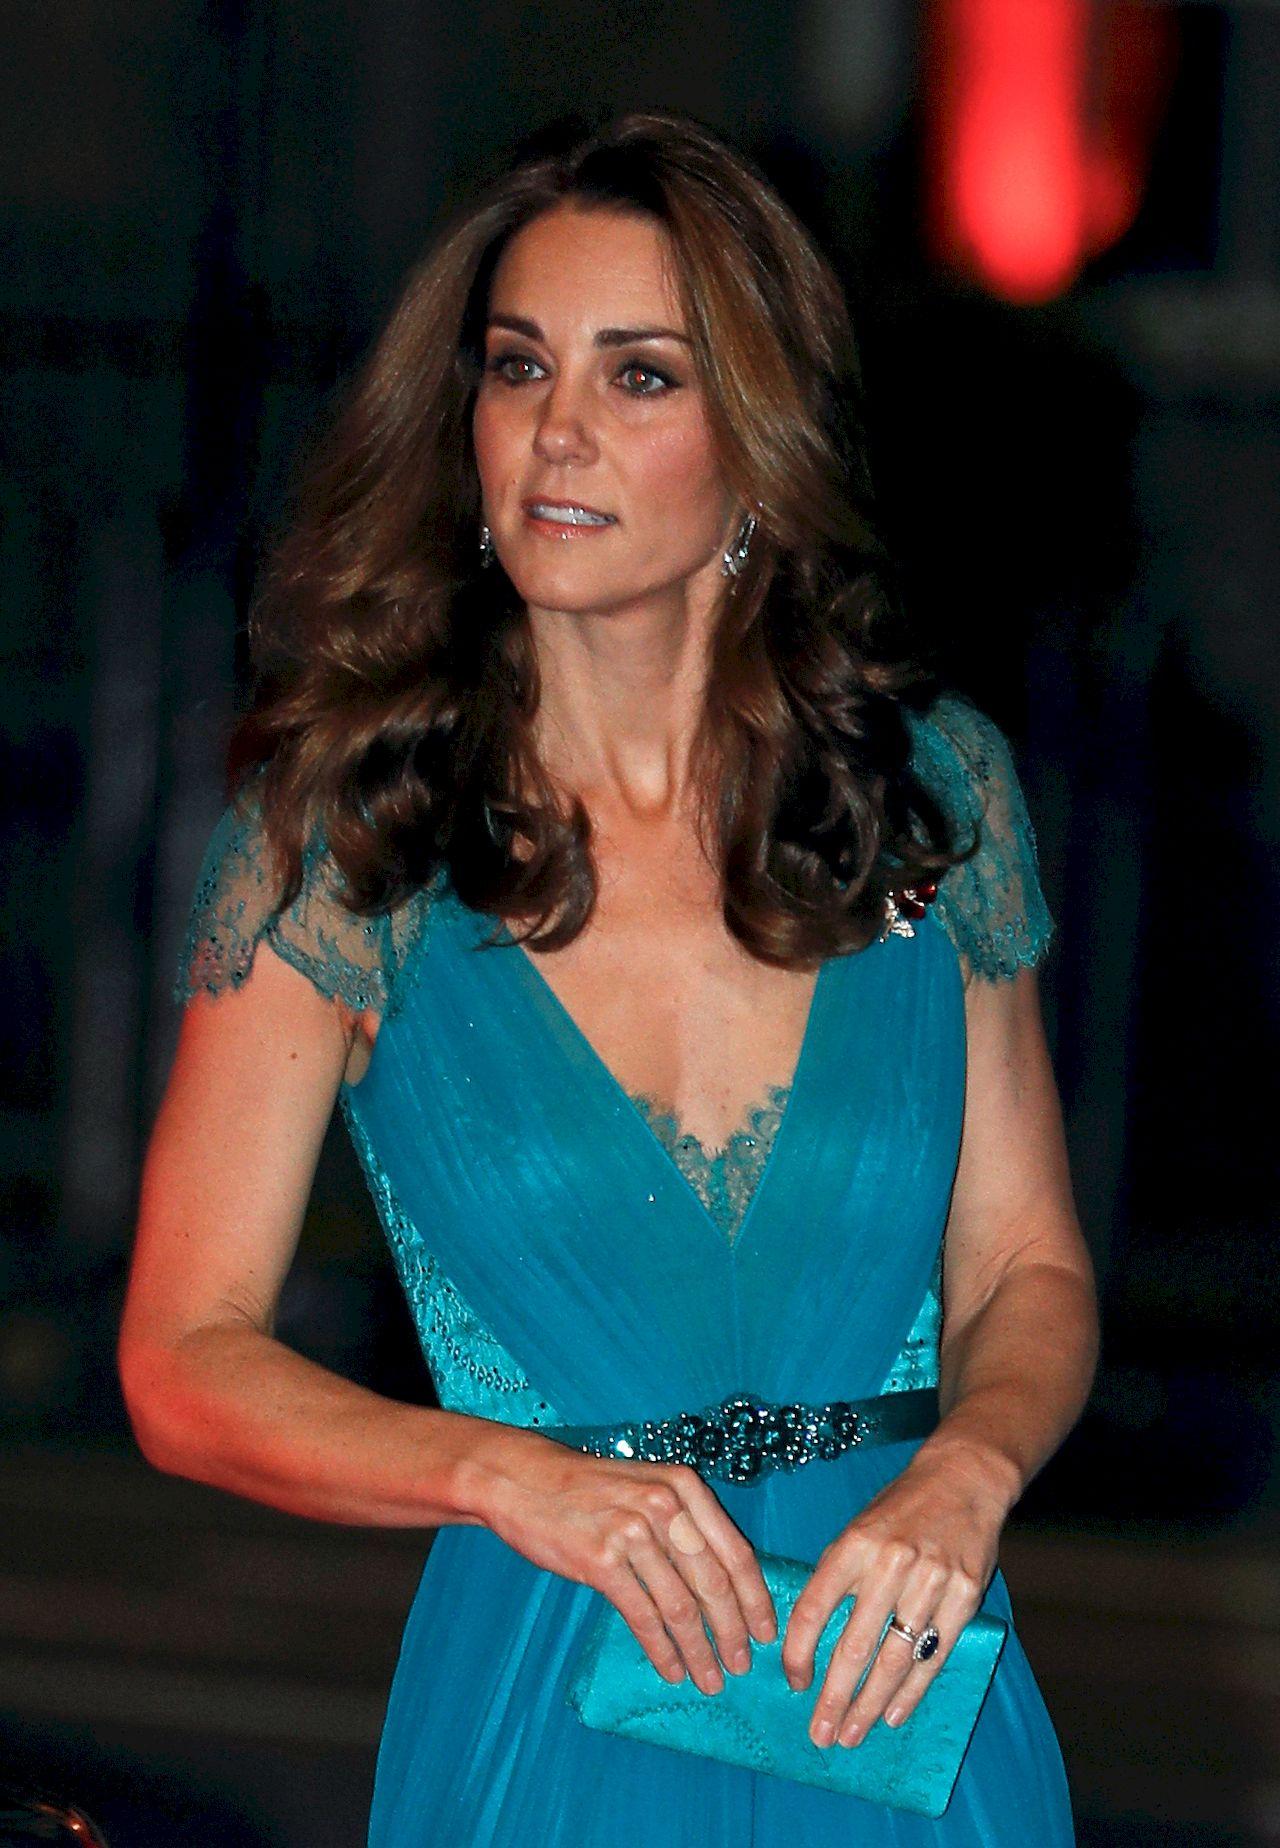 James Middleton, brat księżnej Kate o depresji: to RAK umysłu